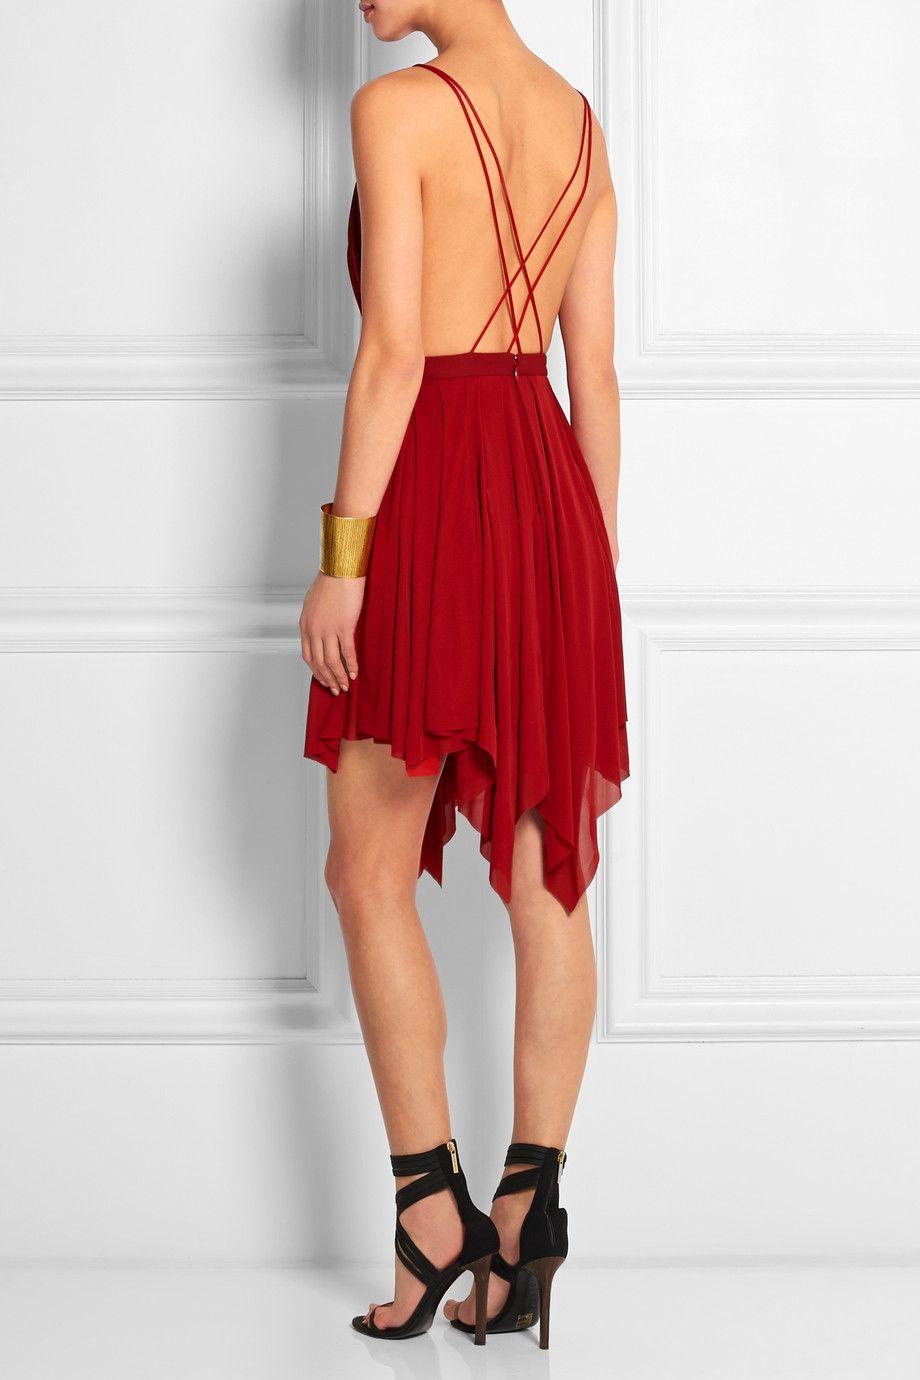 Balmain Draped Jersey Crepe Mini Dress Mini Dress Dresses Backless Dress